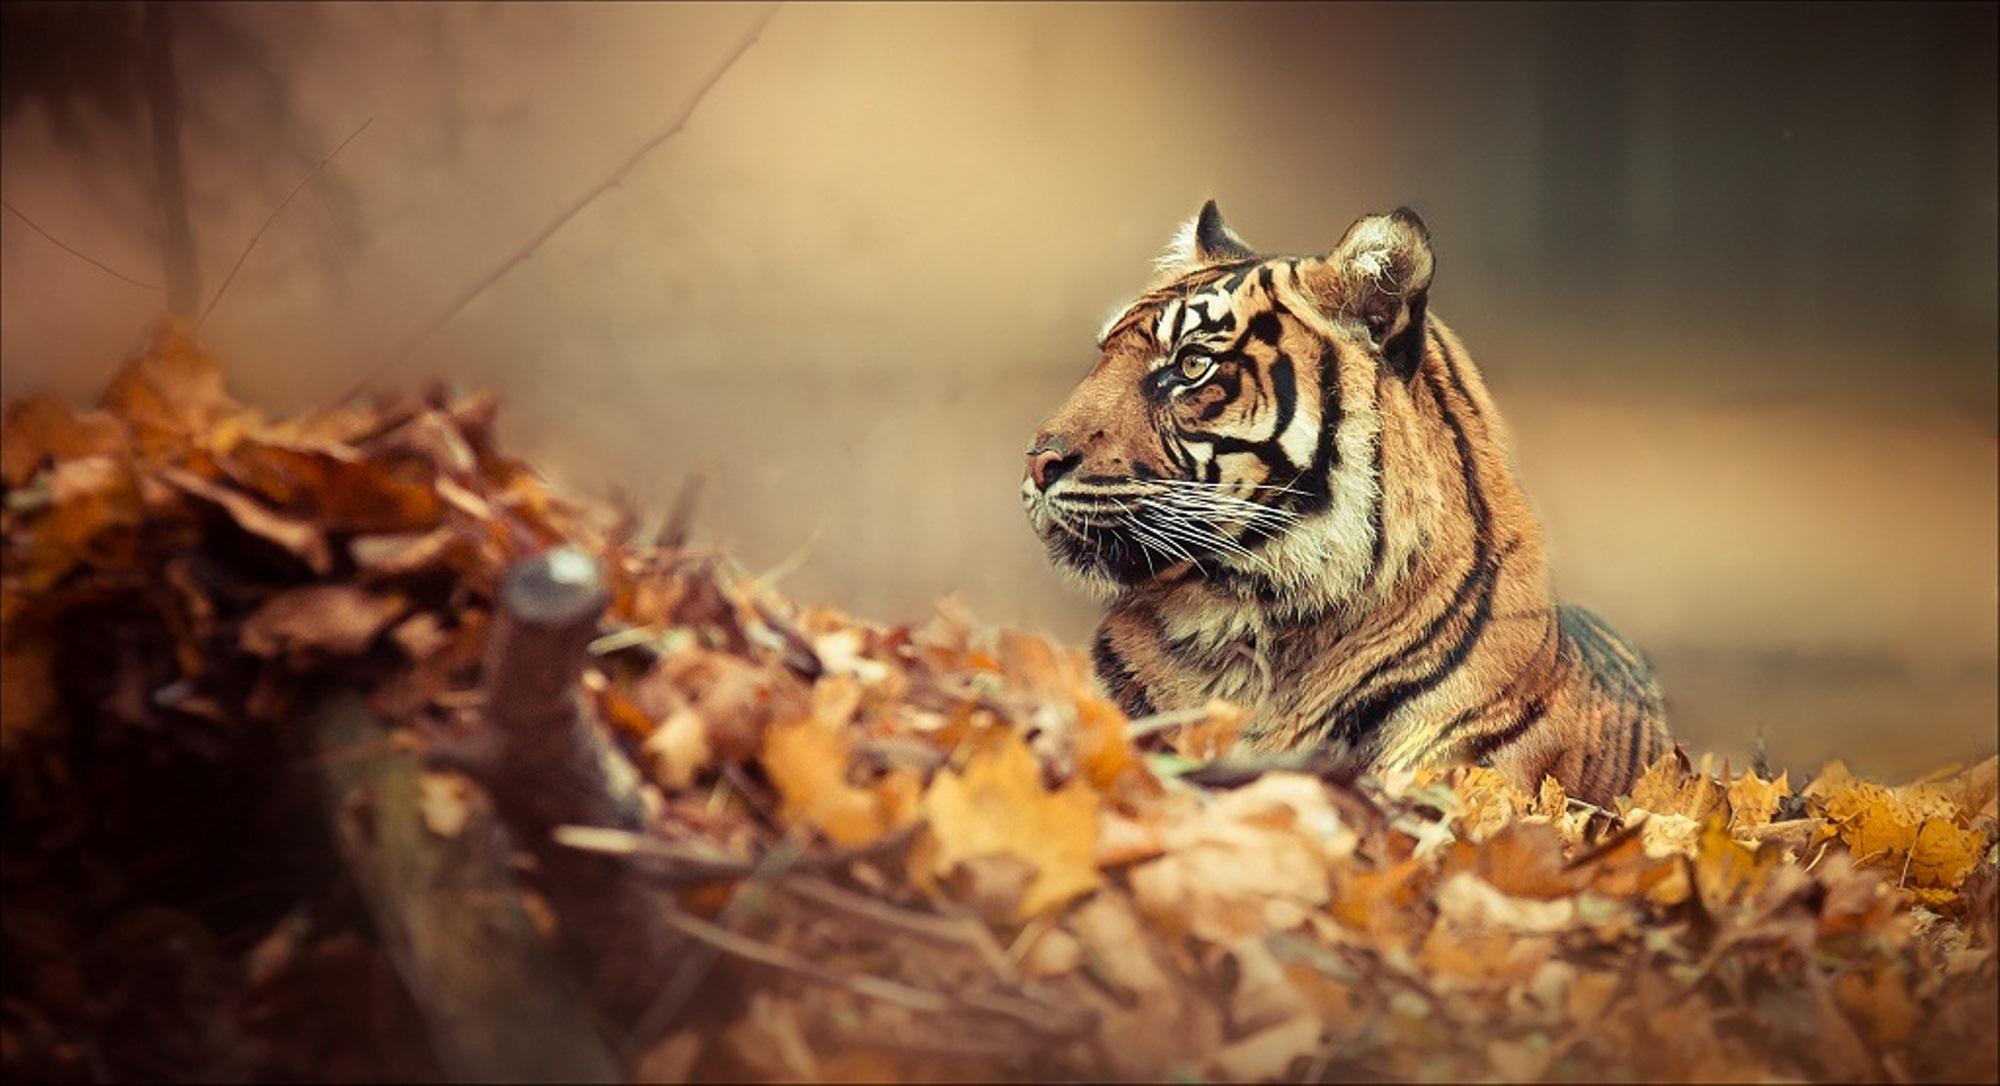 природа животные тигры  № 99283 загрузить